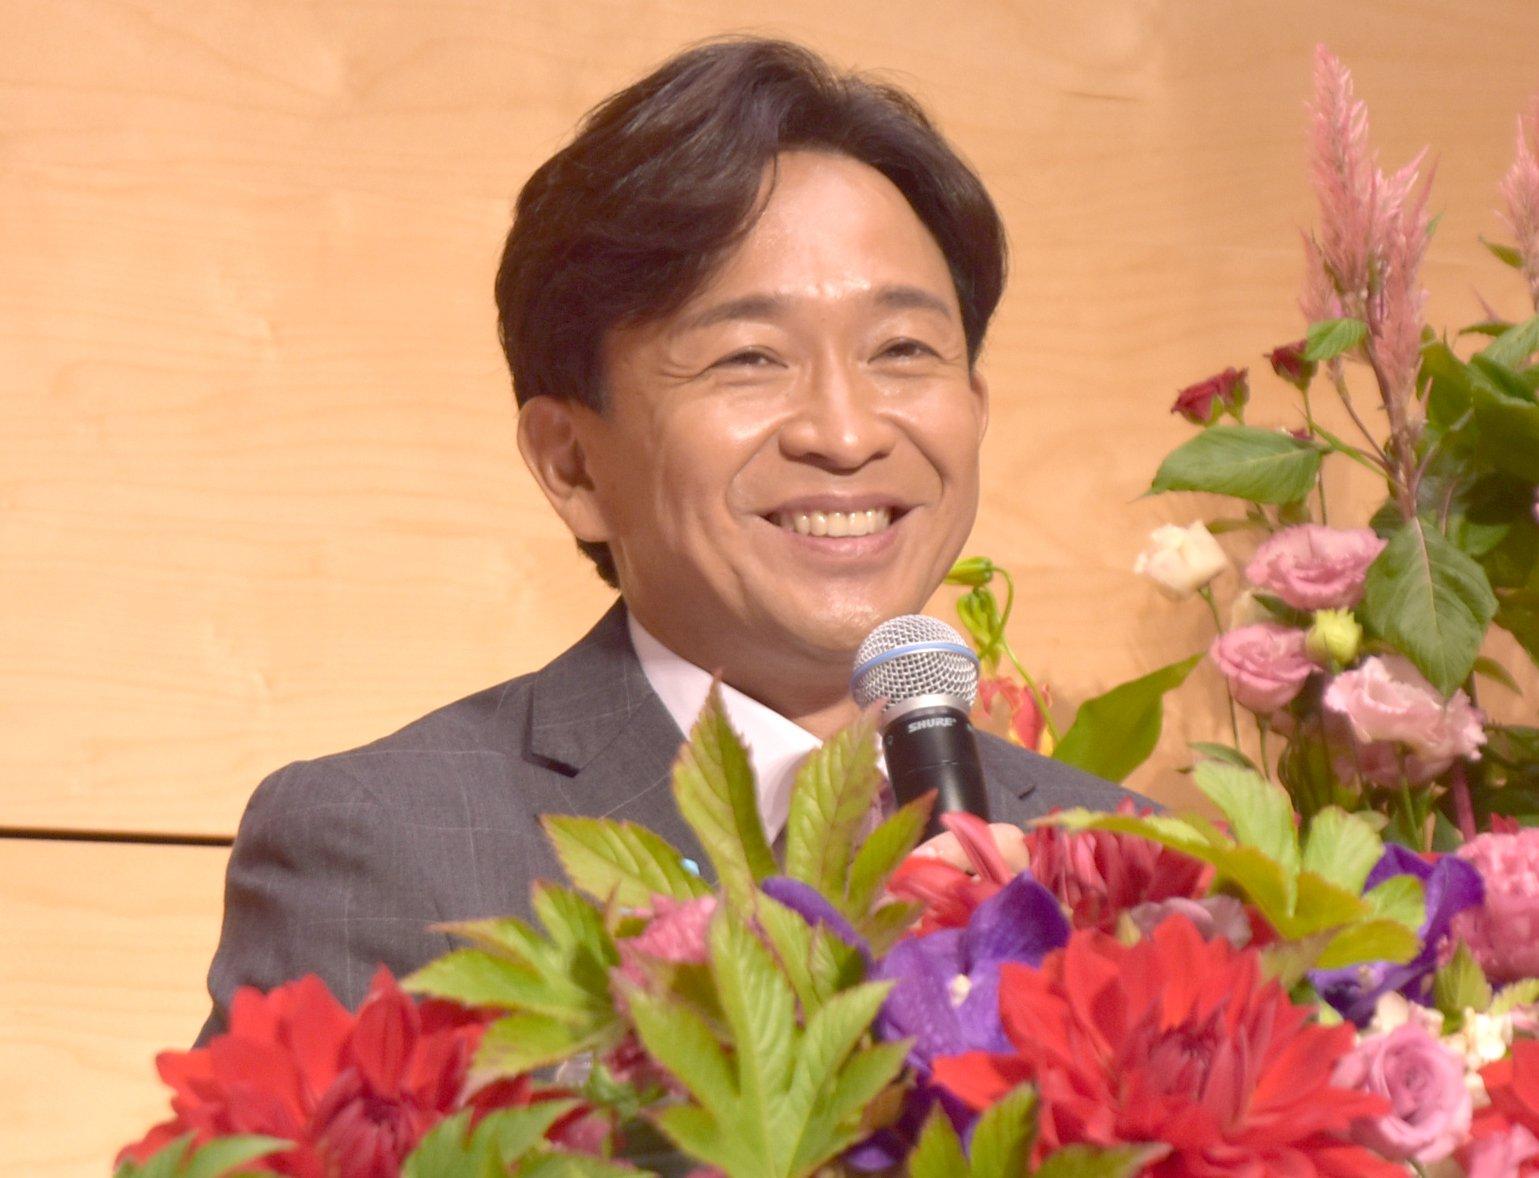 【💍城島茂が会見✨】 交際4年で結婚 妻・菊池梨沙は来年3月出産予定「きょう、婚姻届を出した」 #TOKIO #城島茂 #菊池梨沙 #結婚 #ジャニーズ